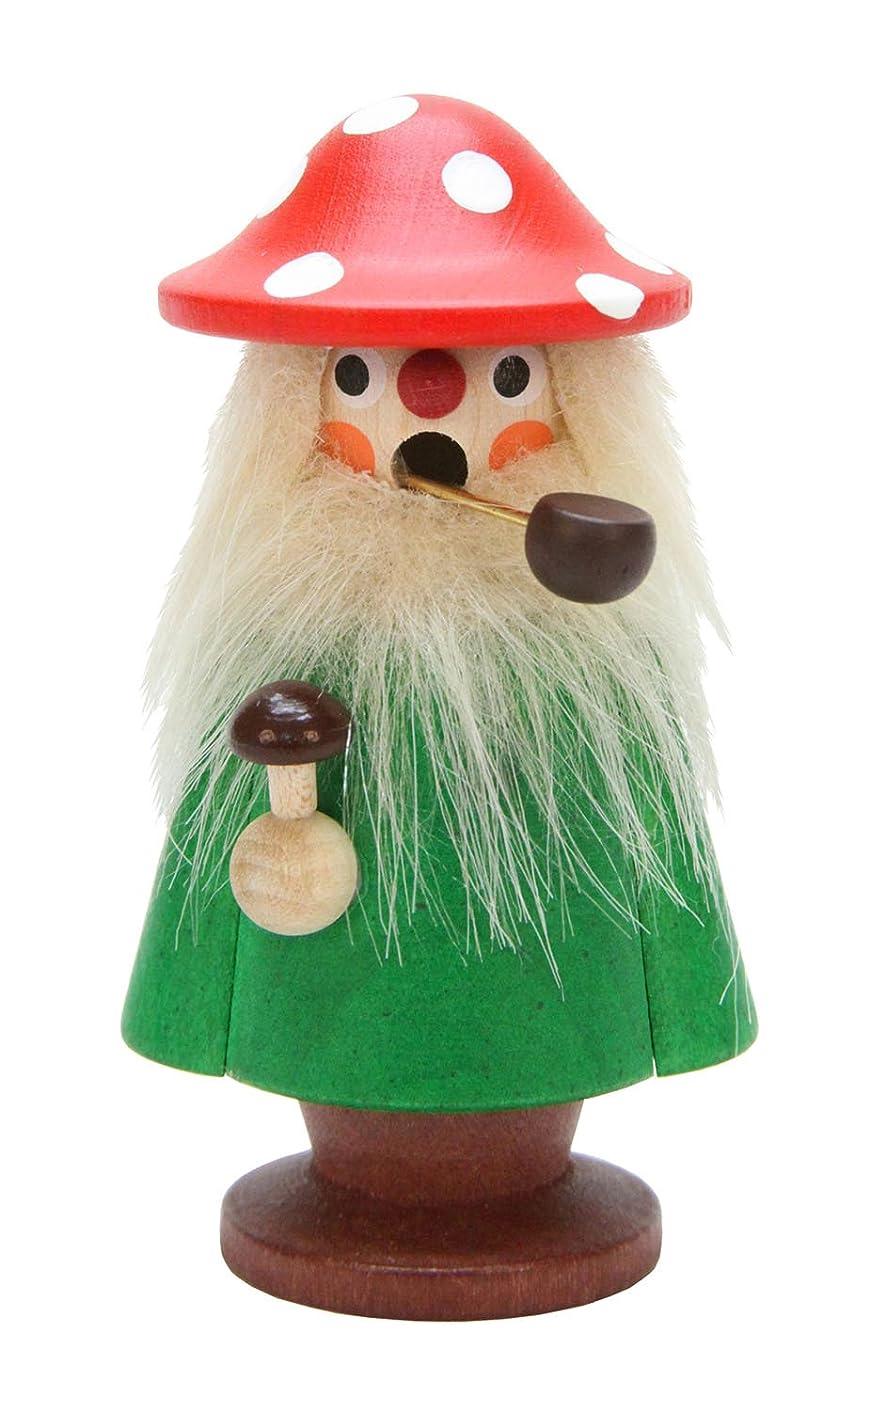 基本的なオピエートレポートを書くAlexander Taron 35-182 Christian Ulbricht Incense Burner - Mushroom Man with Green Coat